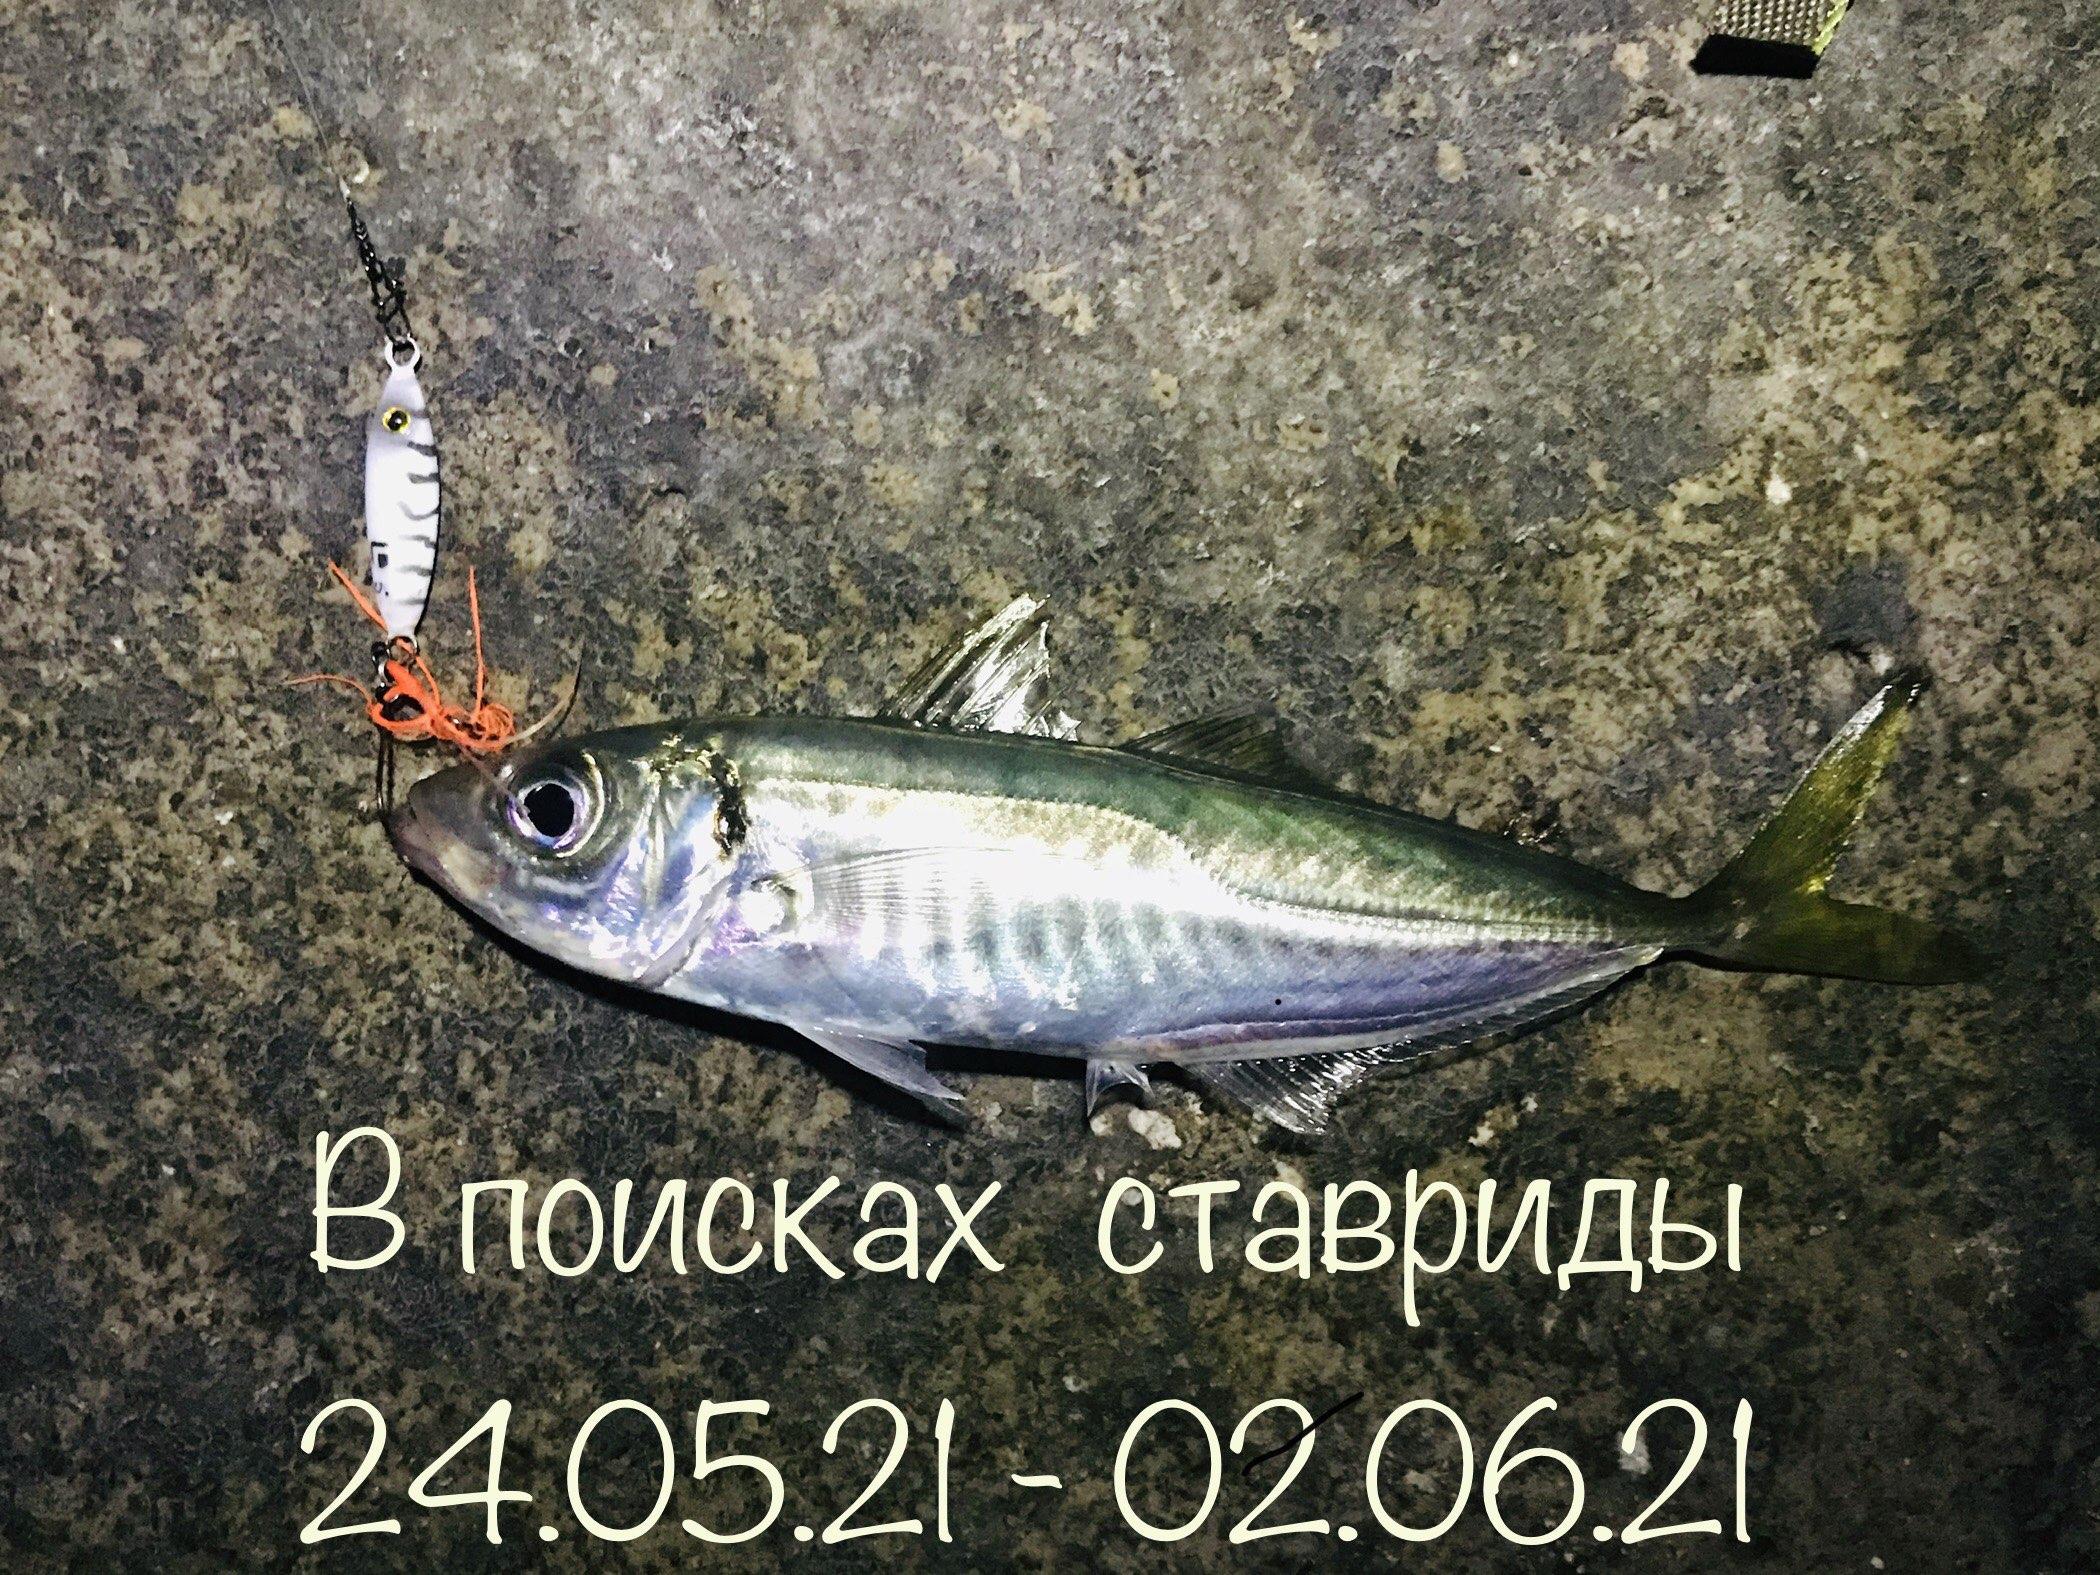 F3jXxyixP8w.jpg?size=2100x1575&quality=9